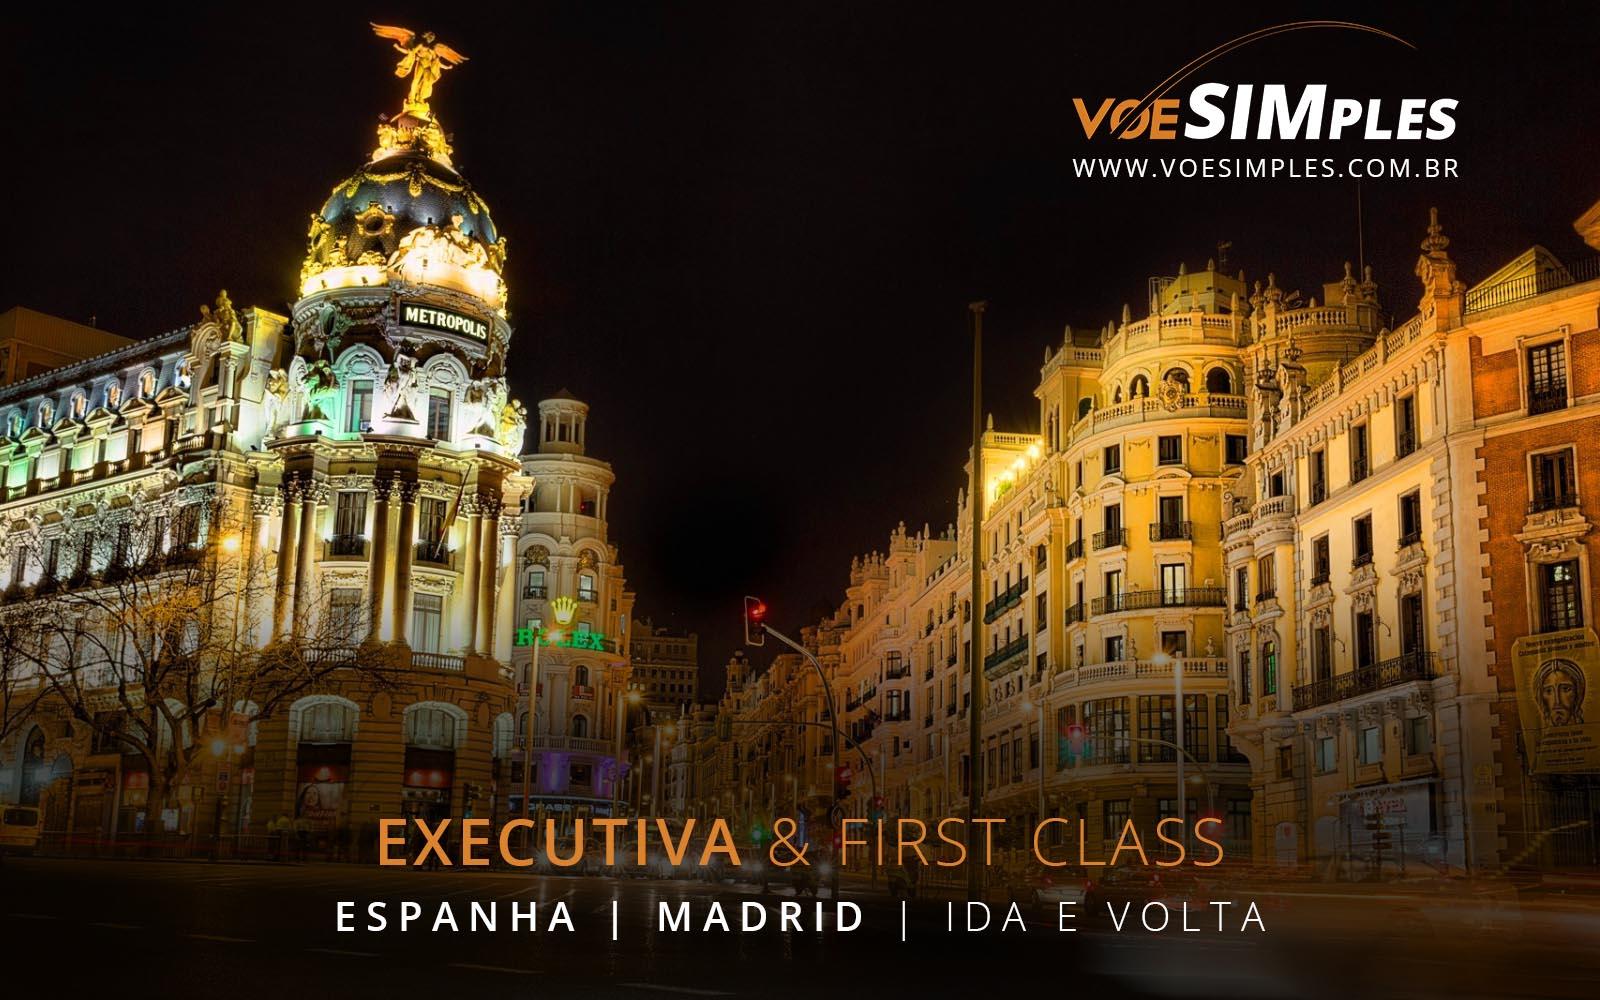 Passagem aérea Classe Executiva Madri